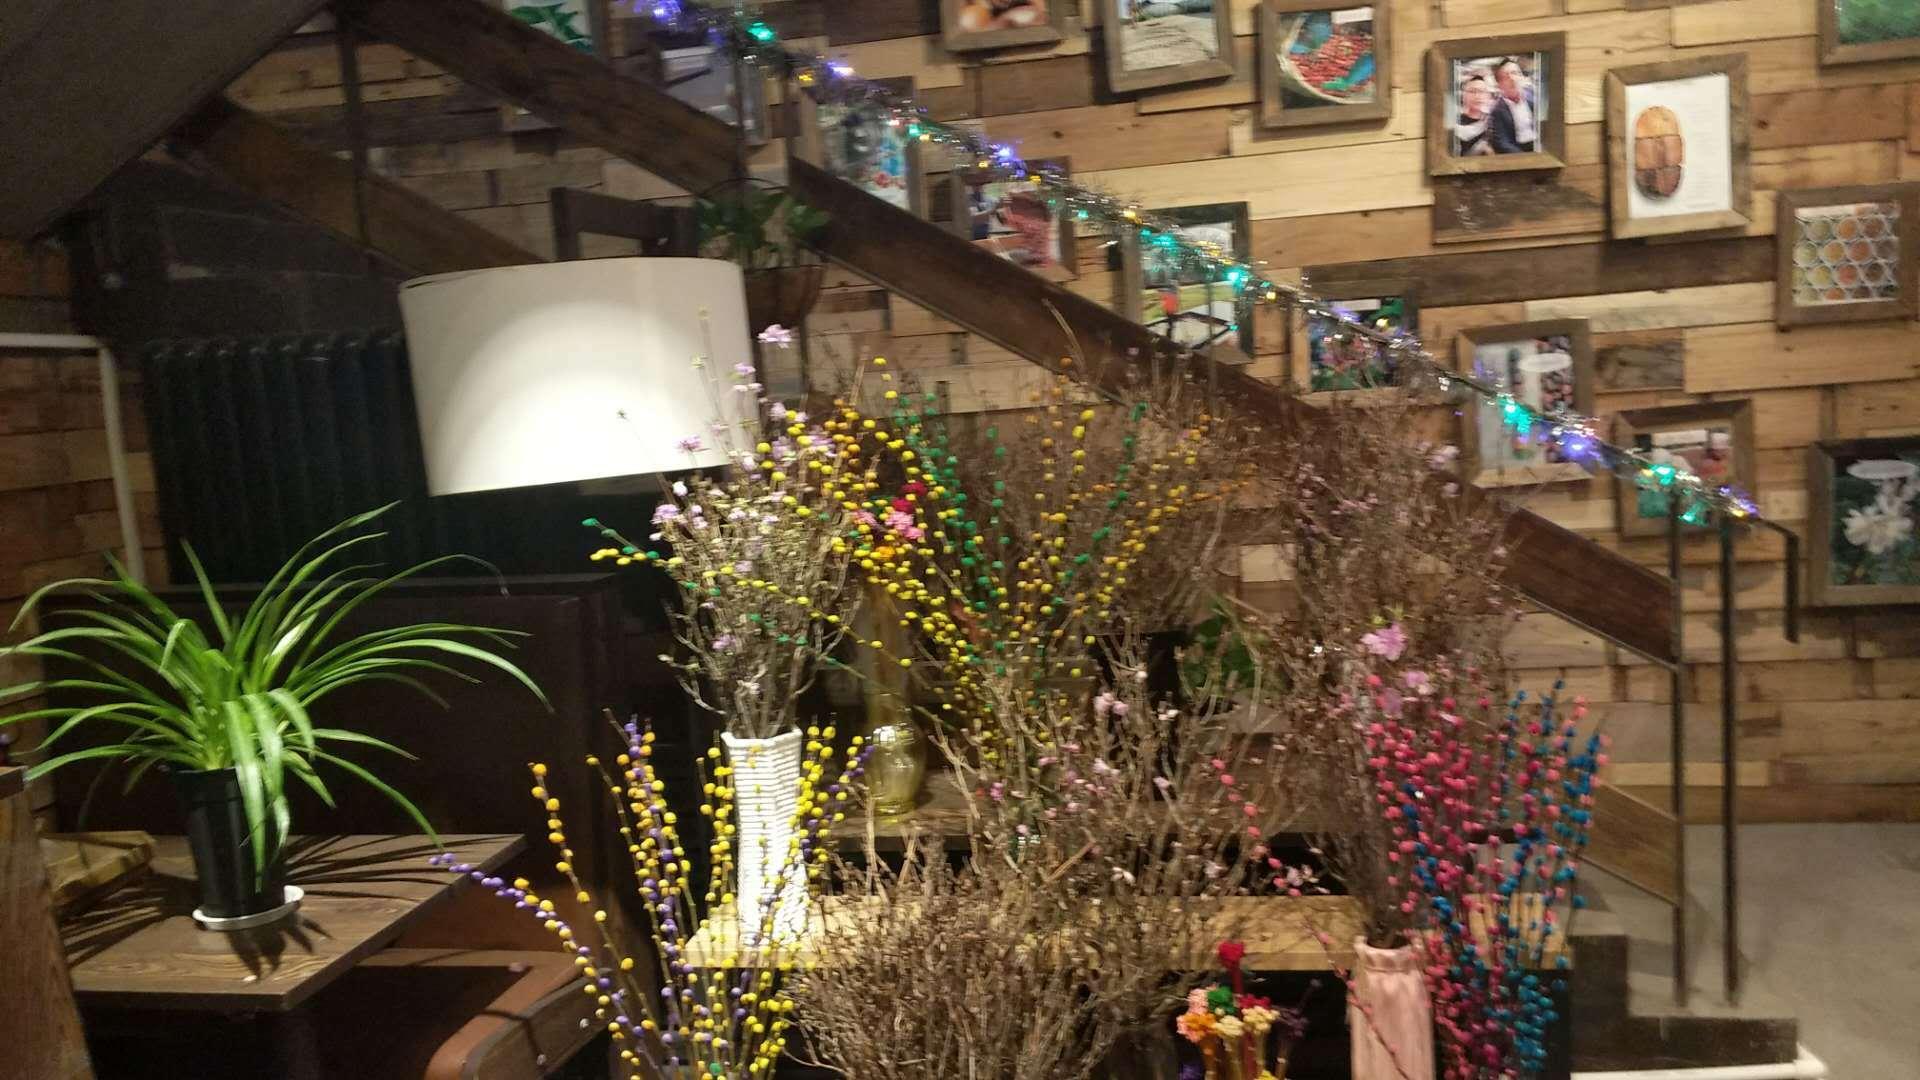 燕郊影视人之家――悠咖啡,一个只谈影视的好去处